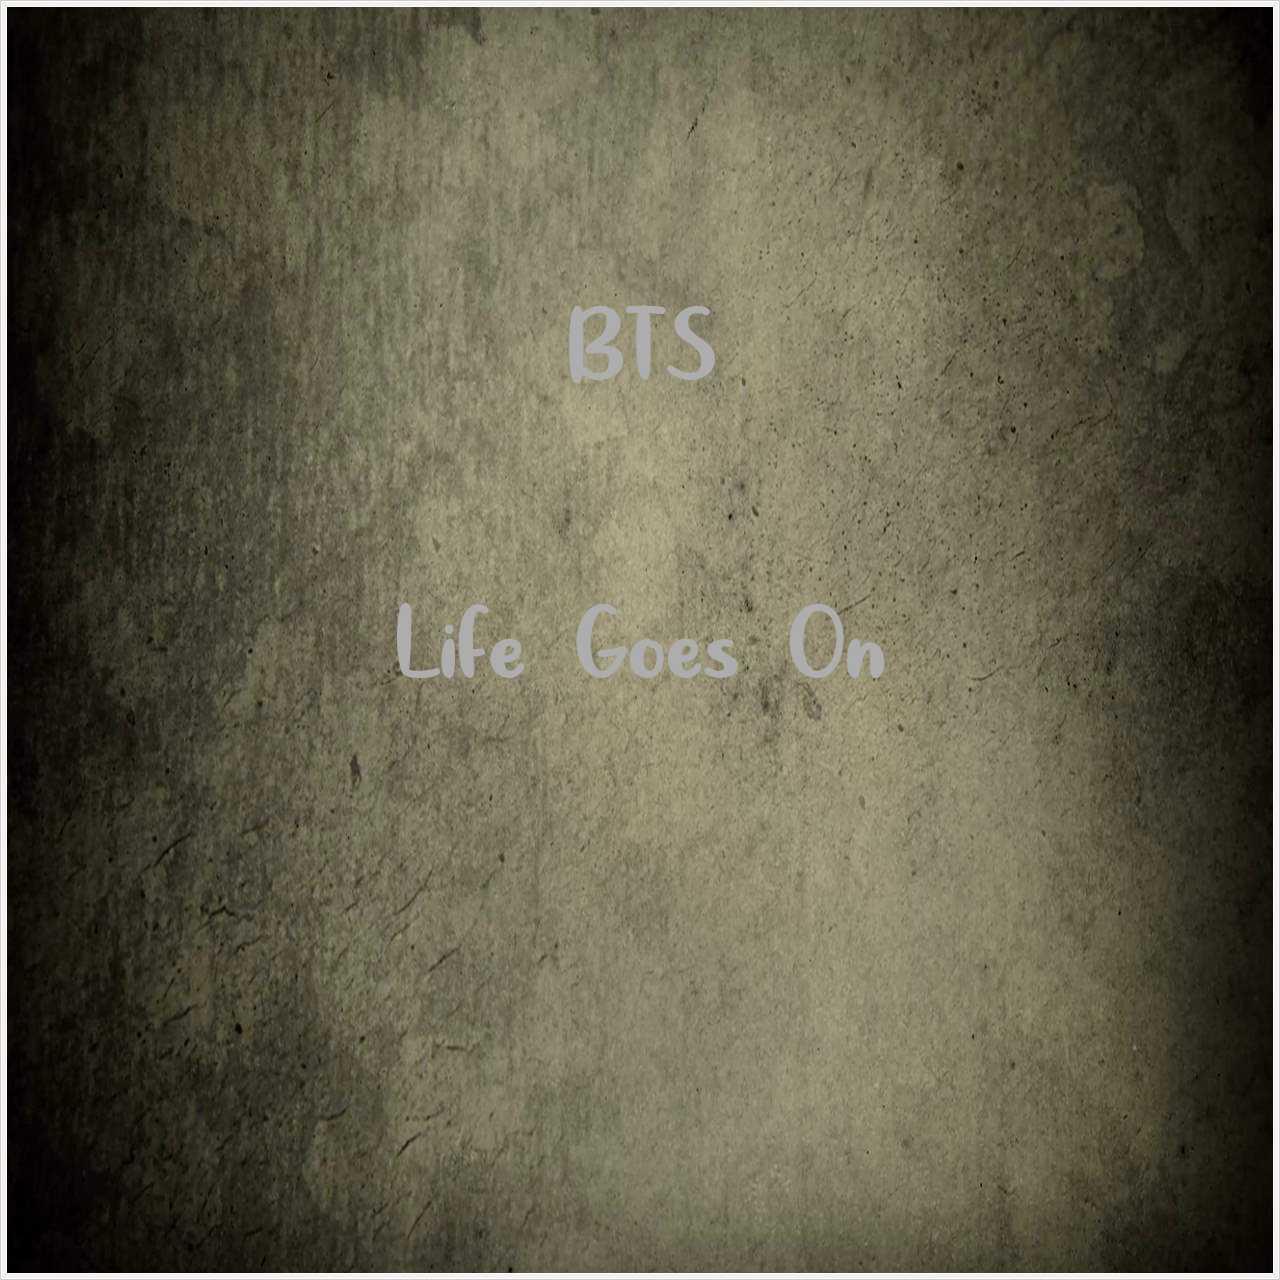 دانلود آهنگ جدید BTS به نام Life Goes On